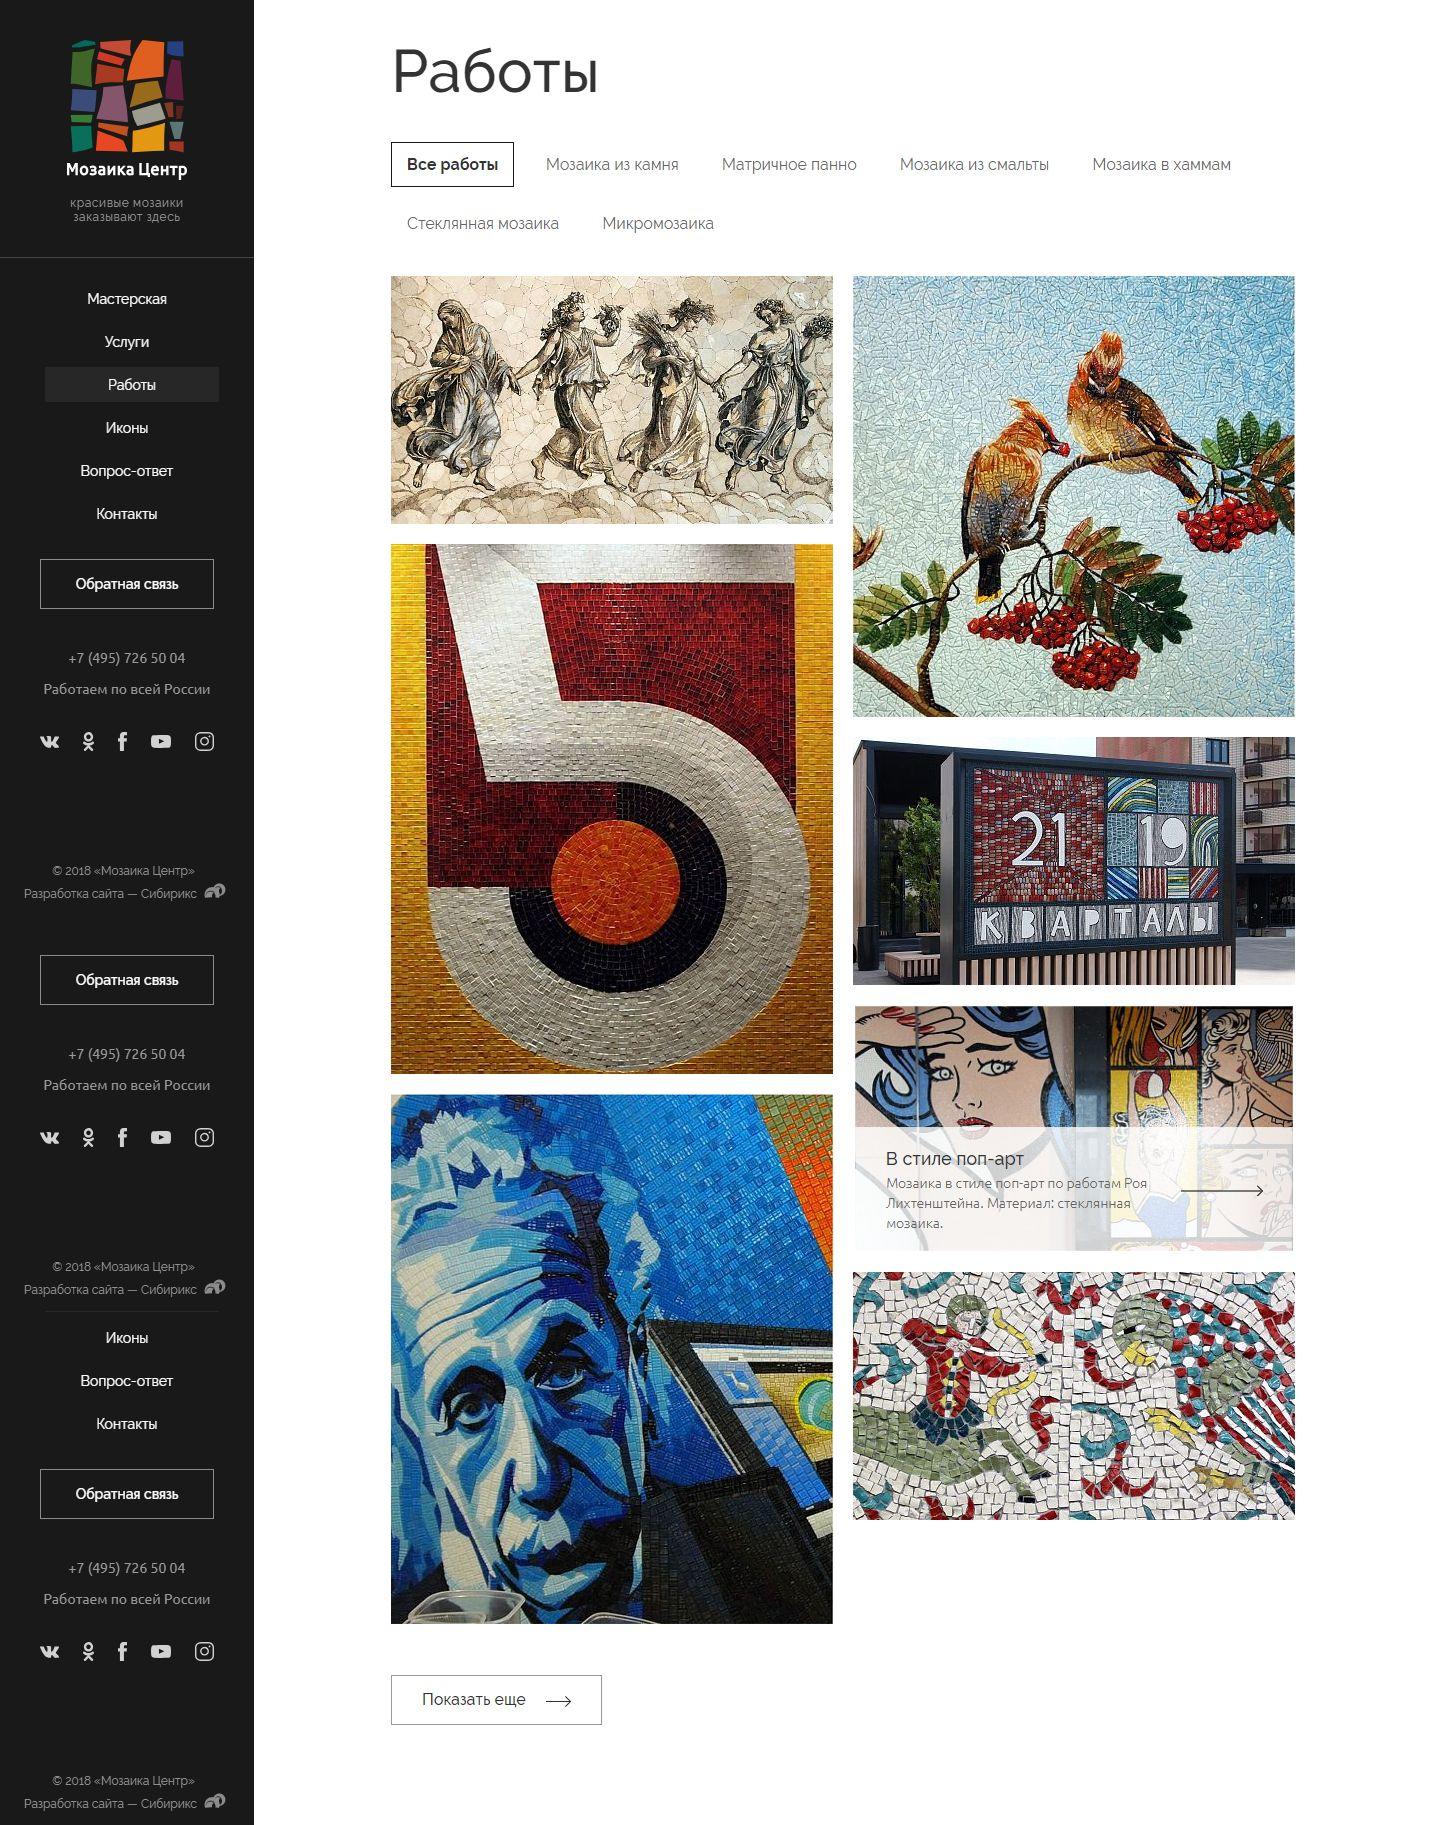 <p>Мозаичная тема поддержана инадетальных страницах: иллюстрации разного размера визуально напоминают панно.</p>